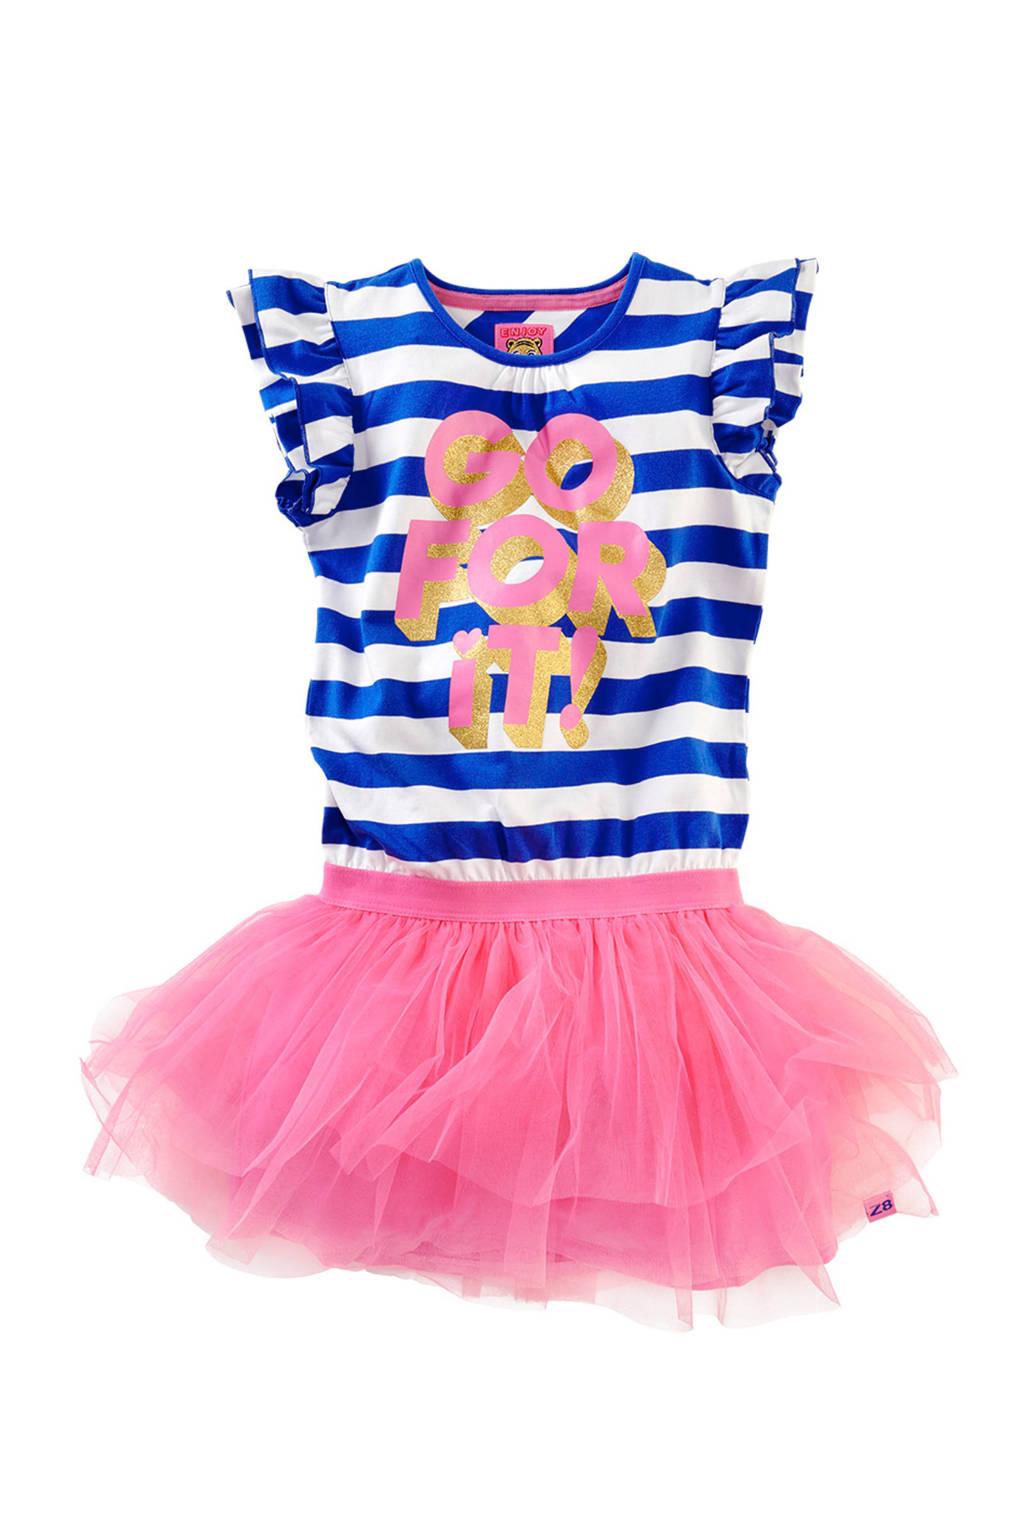 Z8 jurk Silvana met strepen en tule, Blauw/wit/roze